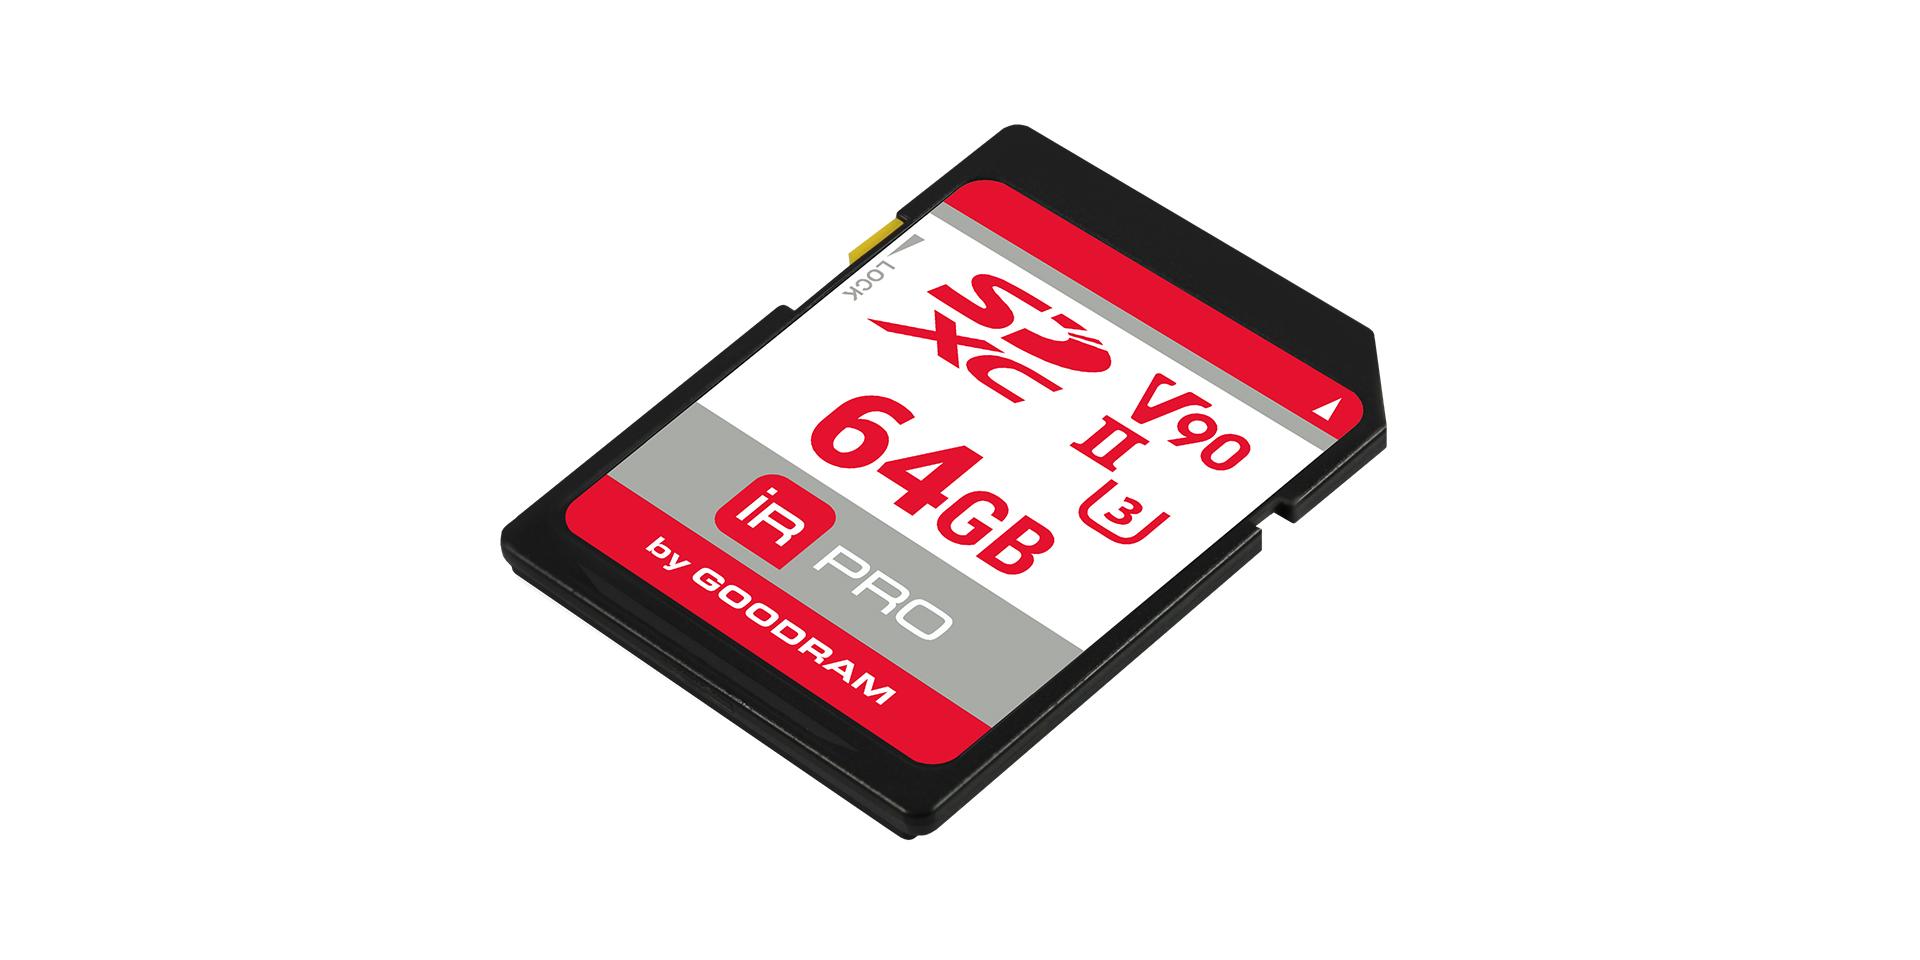 IRDM PRO v90 CARD